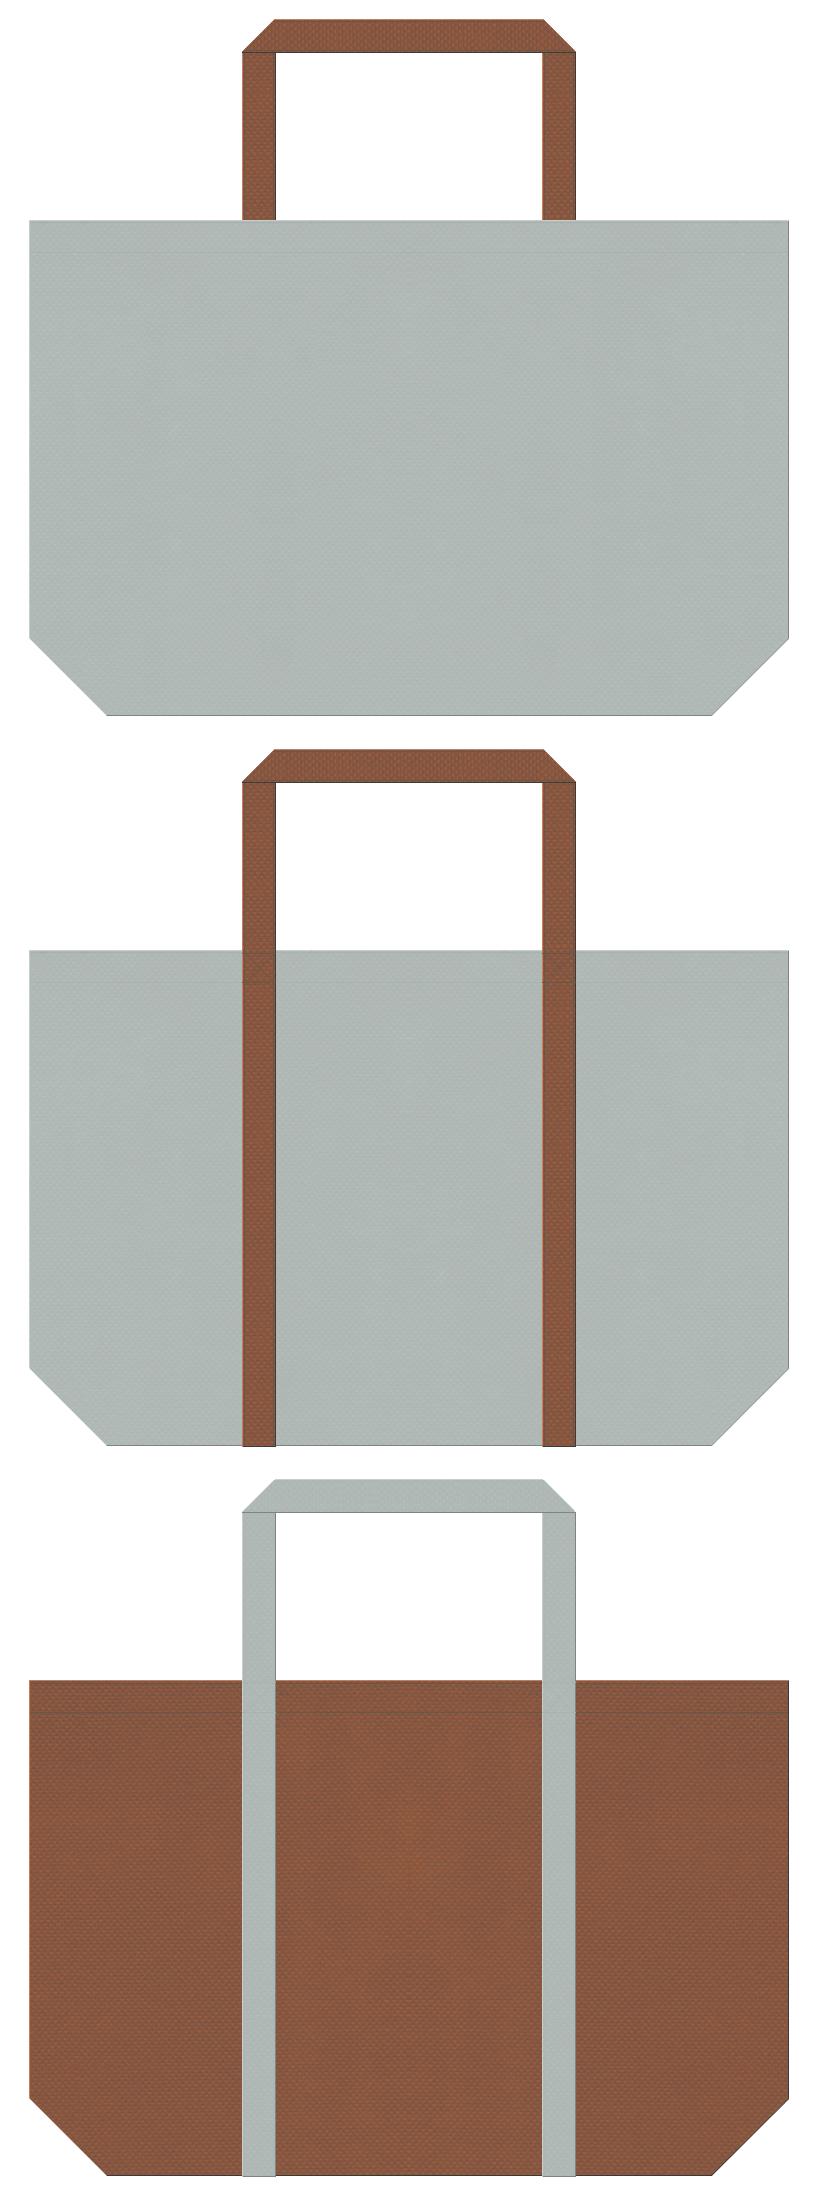 グレー色と茶色の不織布エコバッグのデザイン。